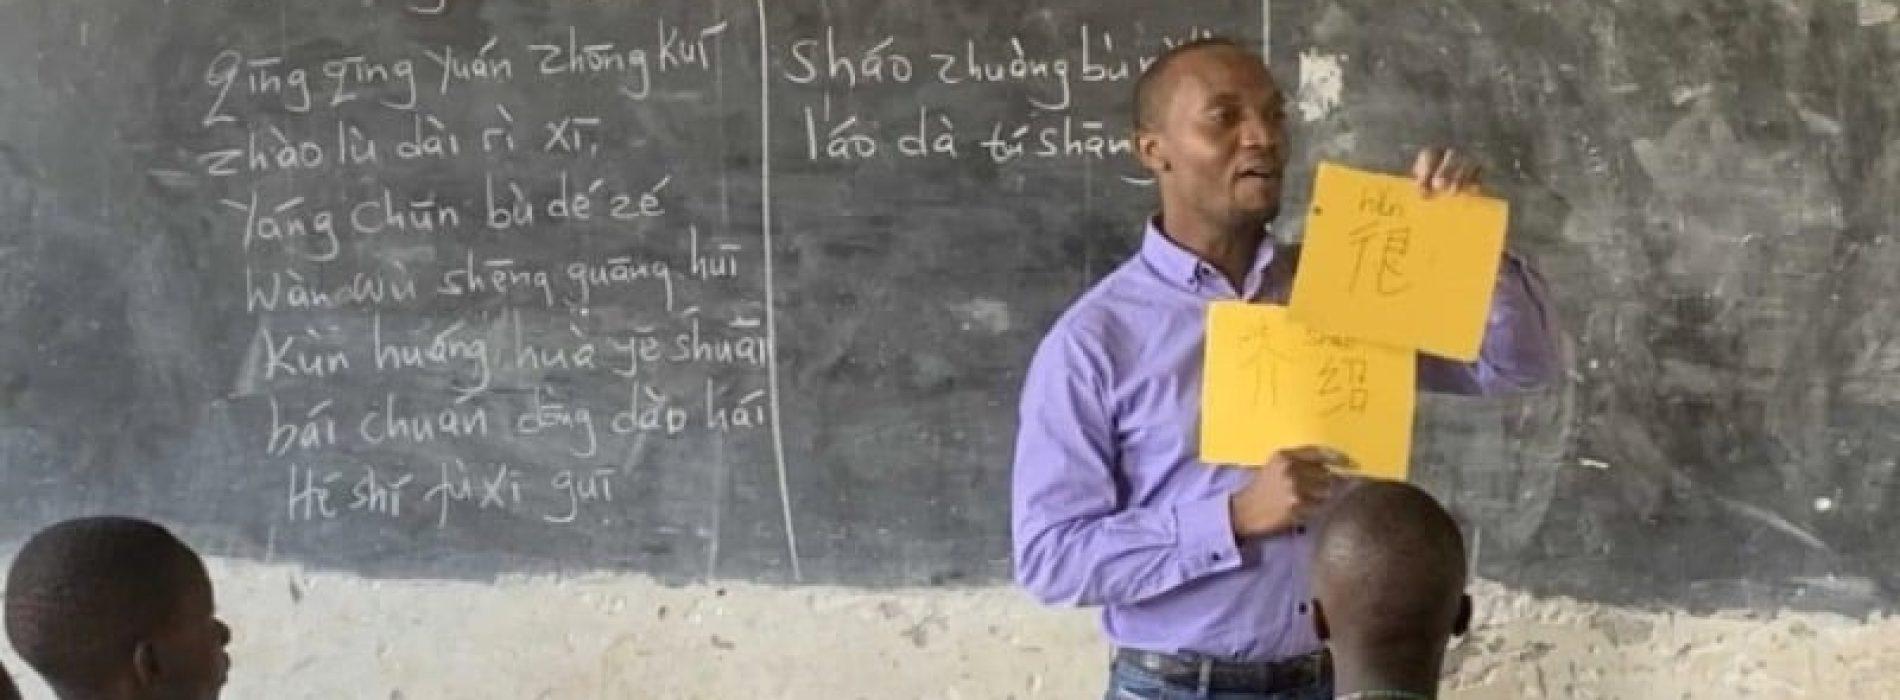 Il cinese considerato la 'lingua del futuro' per i giovani ugandesi